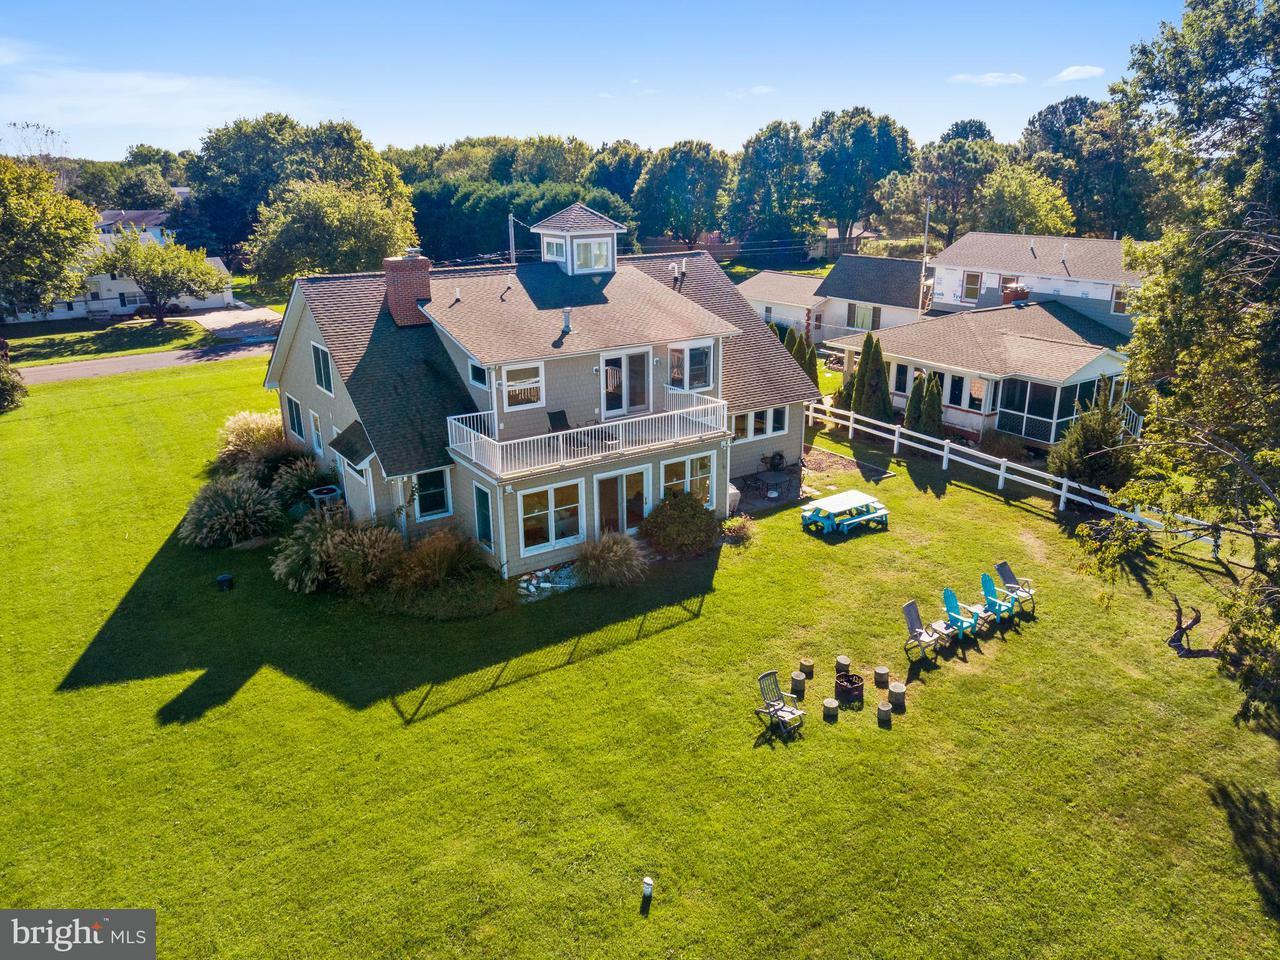 Частный односемейный дом для того Продажа на 222 BEACHSIDE Drive 222 BEACHSIDE Drive Stevensville, Мэриленд 21666 Соединенные Штаты